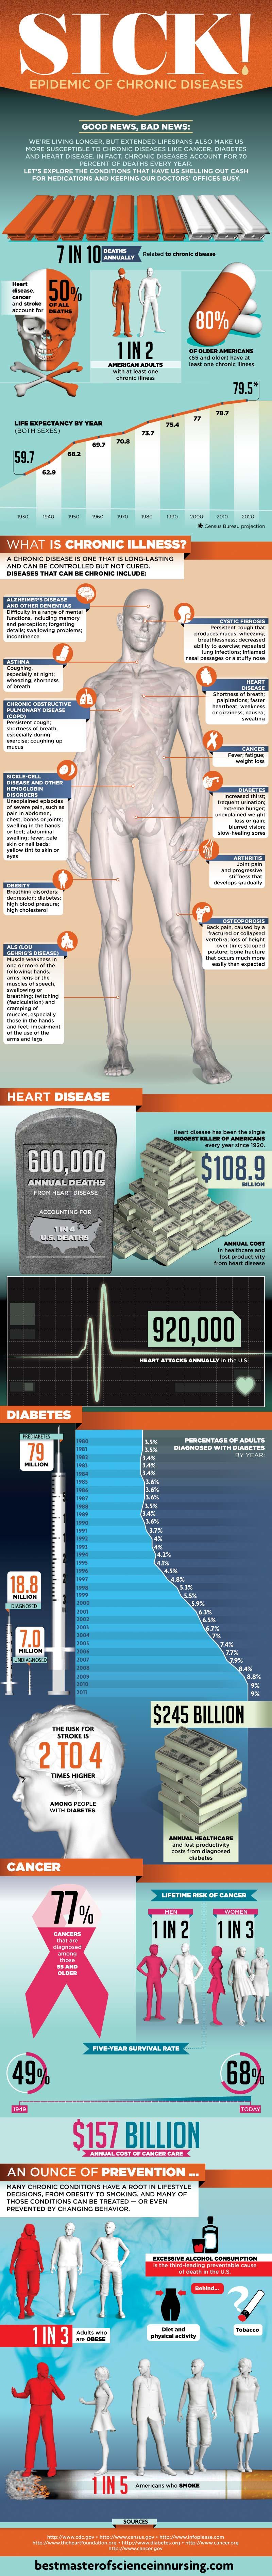 Chronic Disease Statistics-Infographic